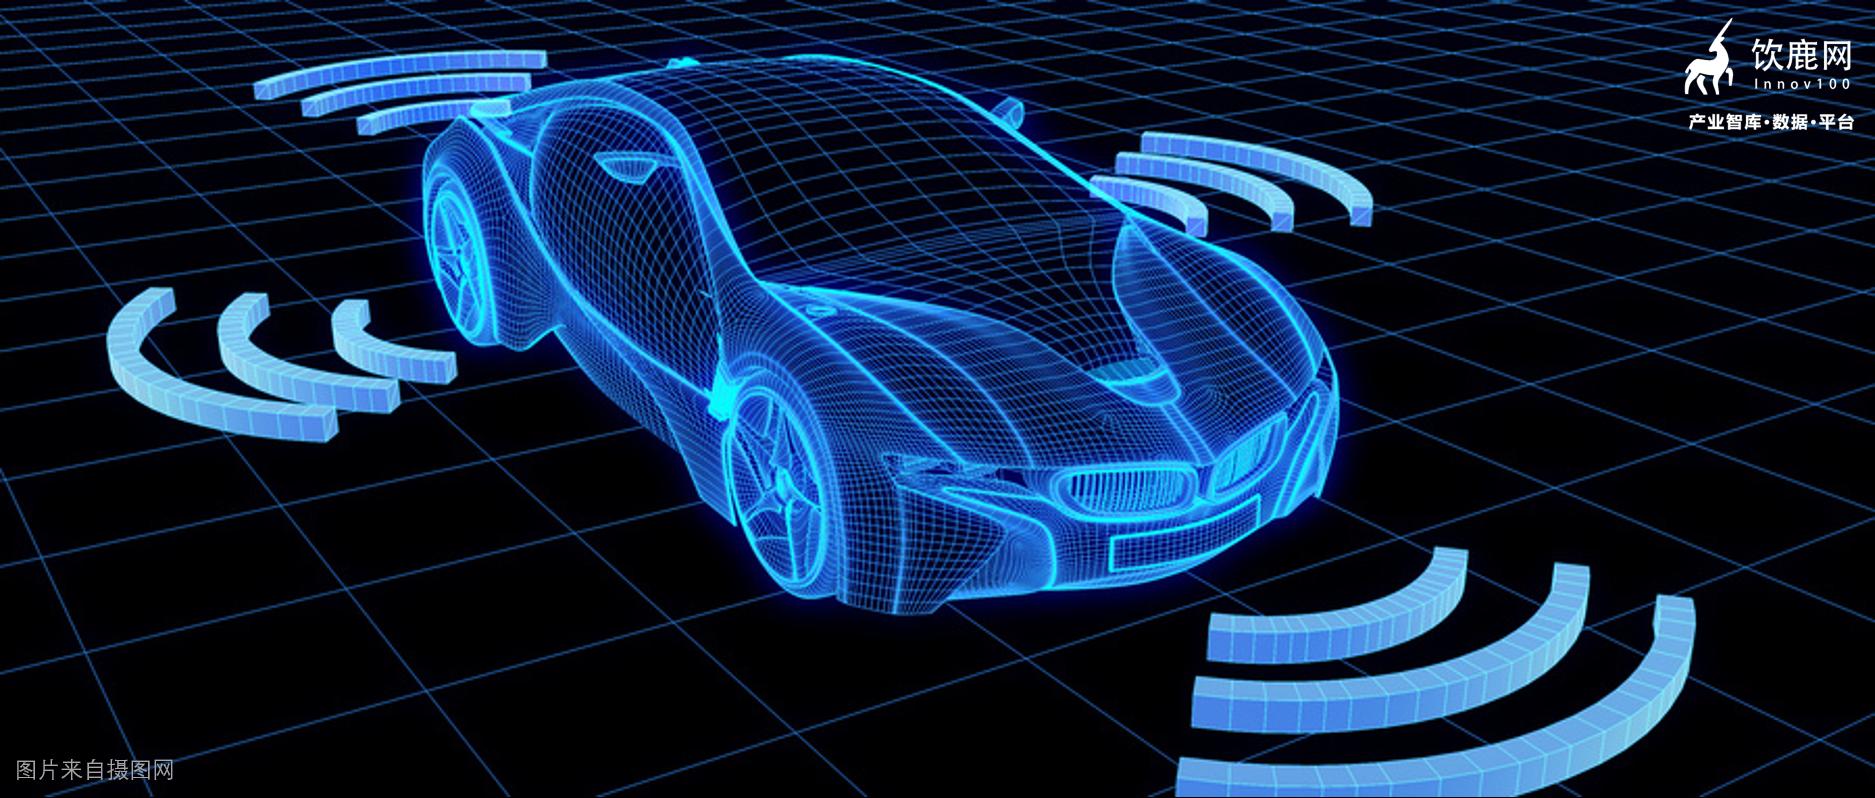 赛智时代:2020年我国智能网联汽车产业发展研究